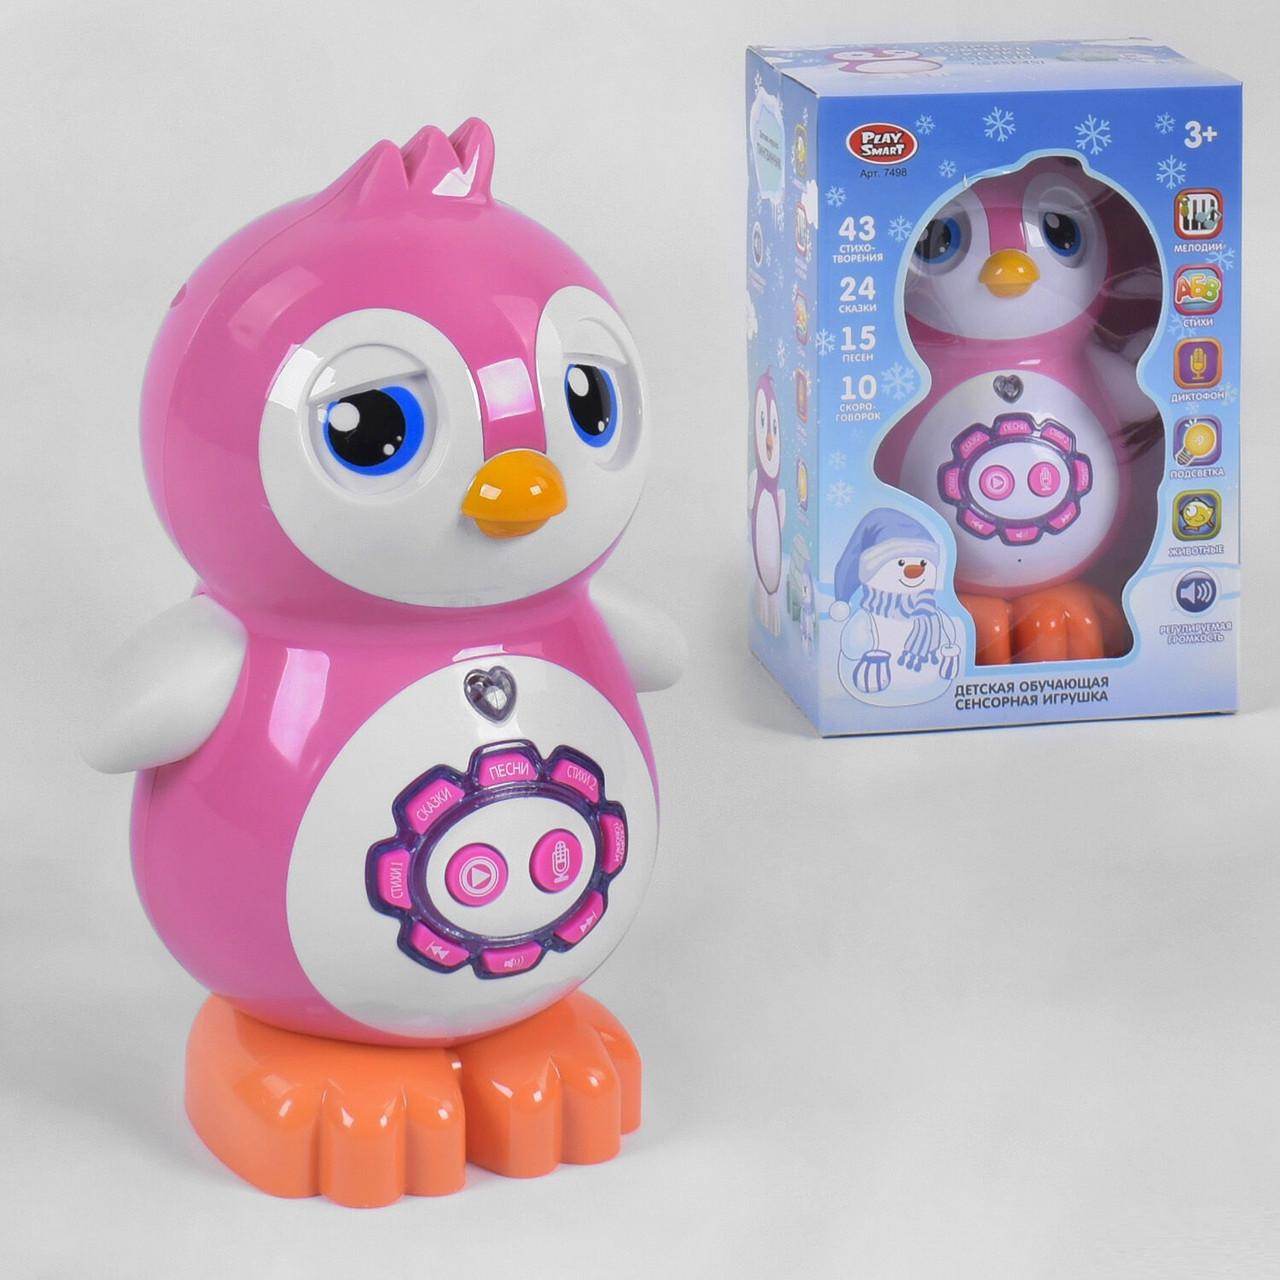 Интерактивная игрушка Пингвин Play Smart 7498 с сенсорами на русском языке